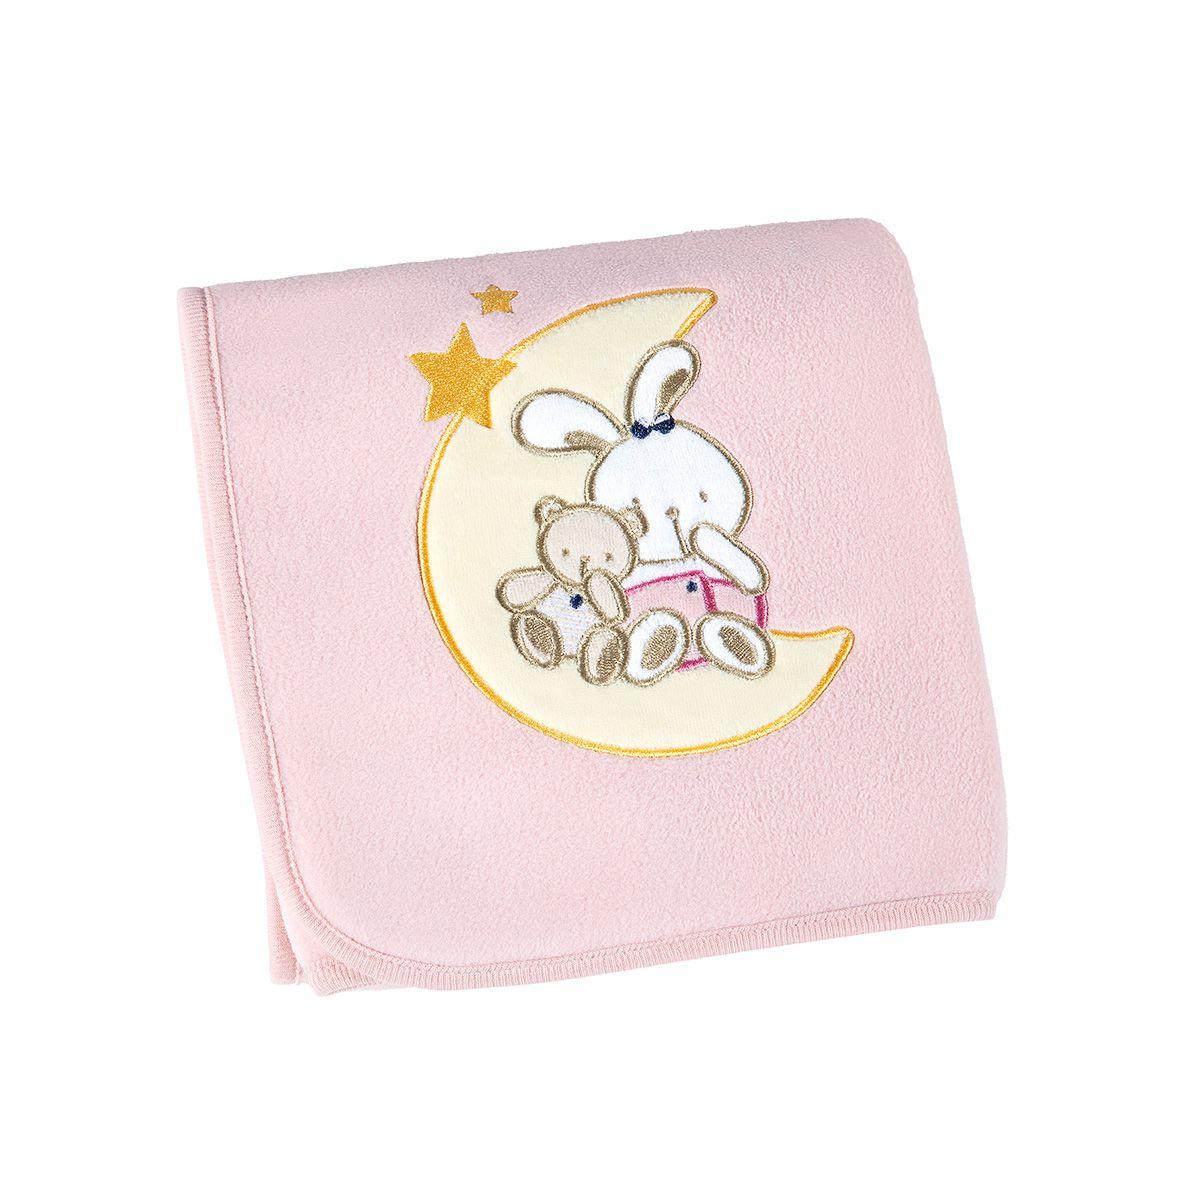 Manta para Bebê Fleece Bordada Coelhinha - Lepper